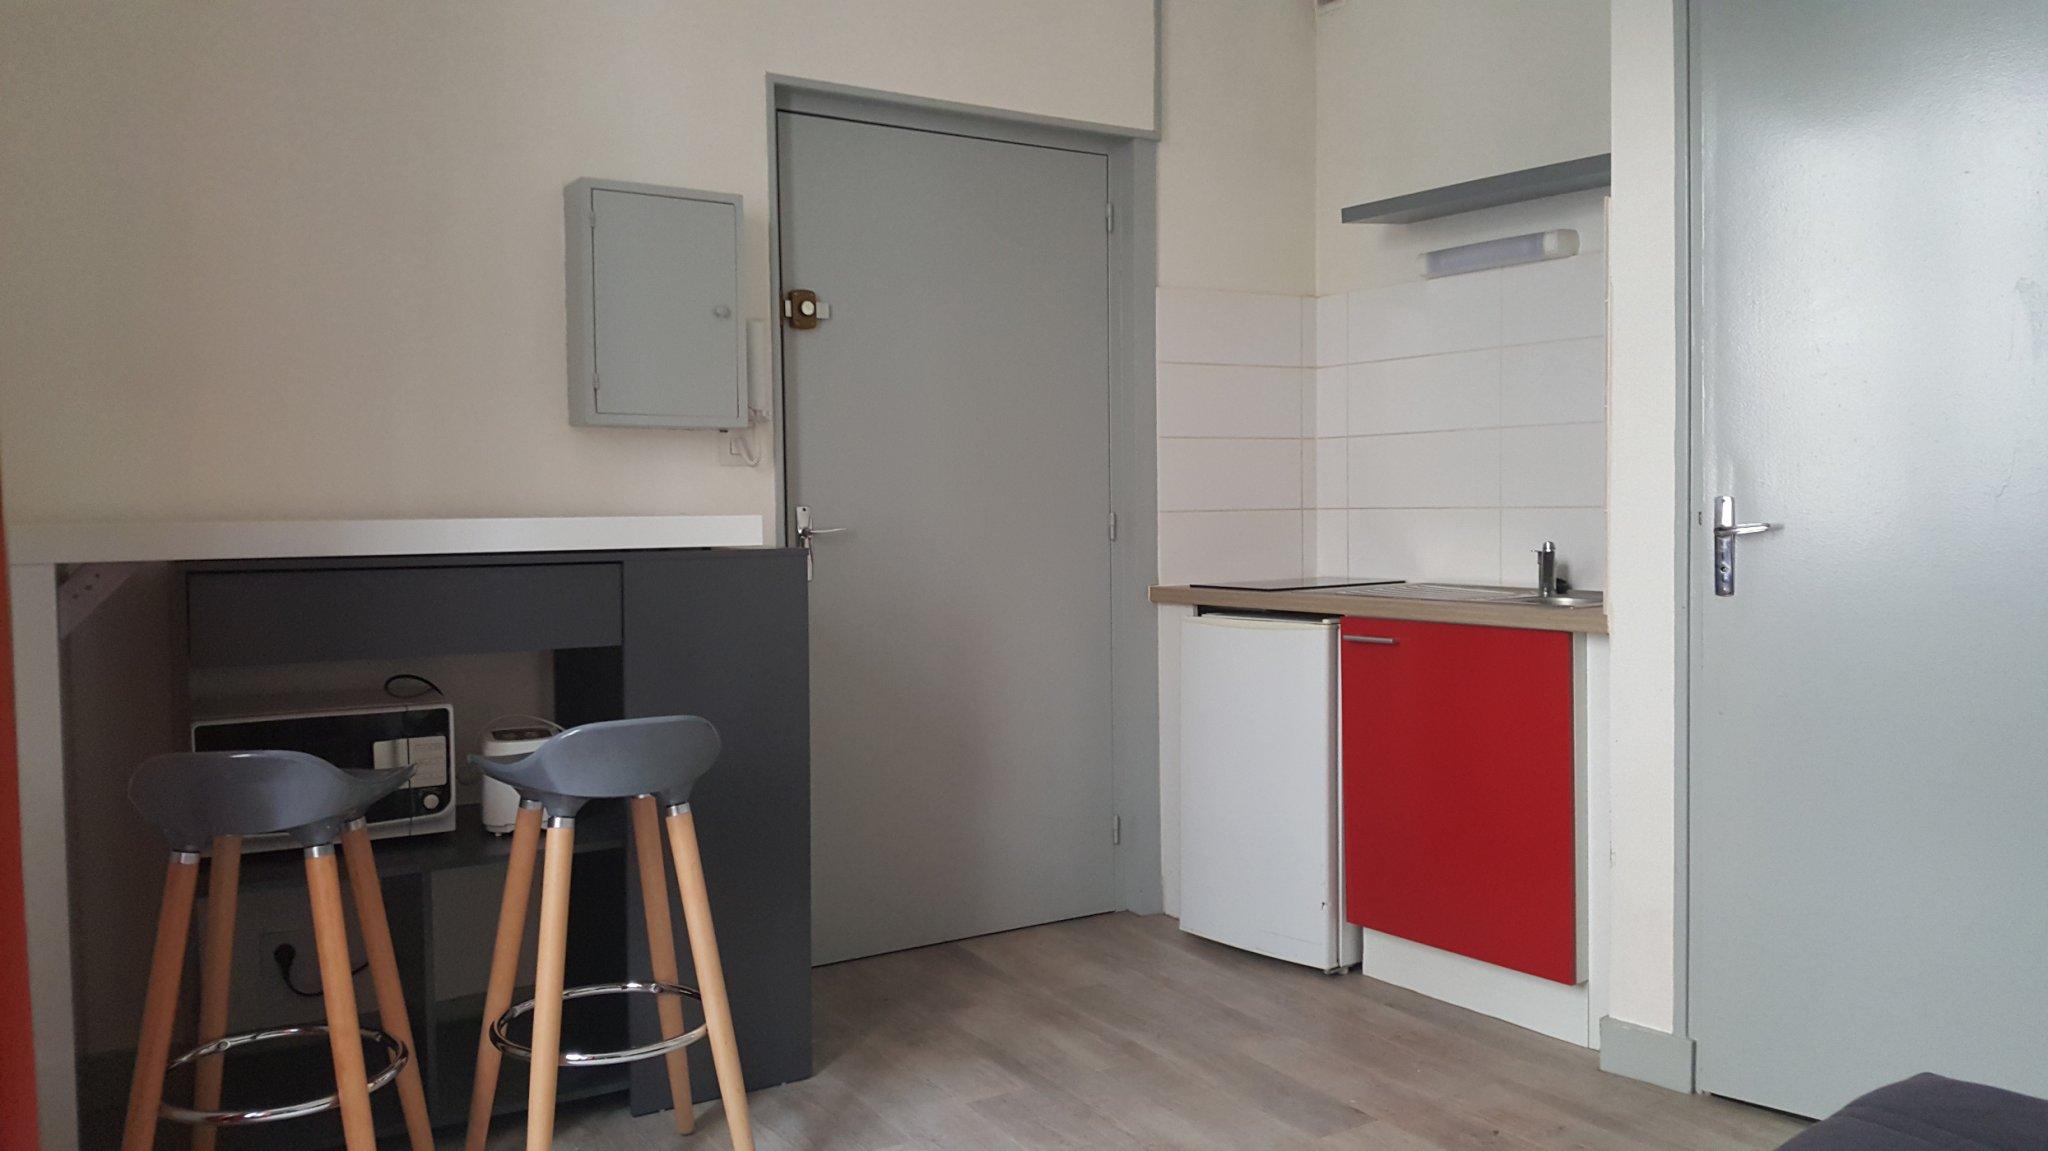 location a louer secteur trois quartier studio poitiers 86000 vienne r673004. Black Bedroom Furniture Sets. Home Design Ideas